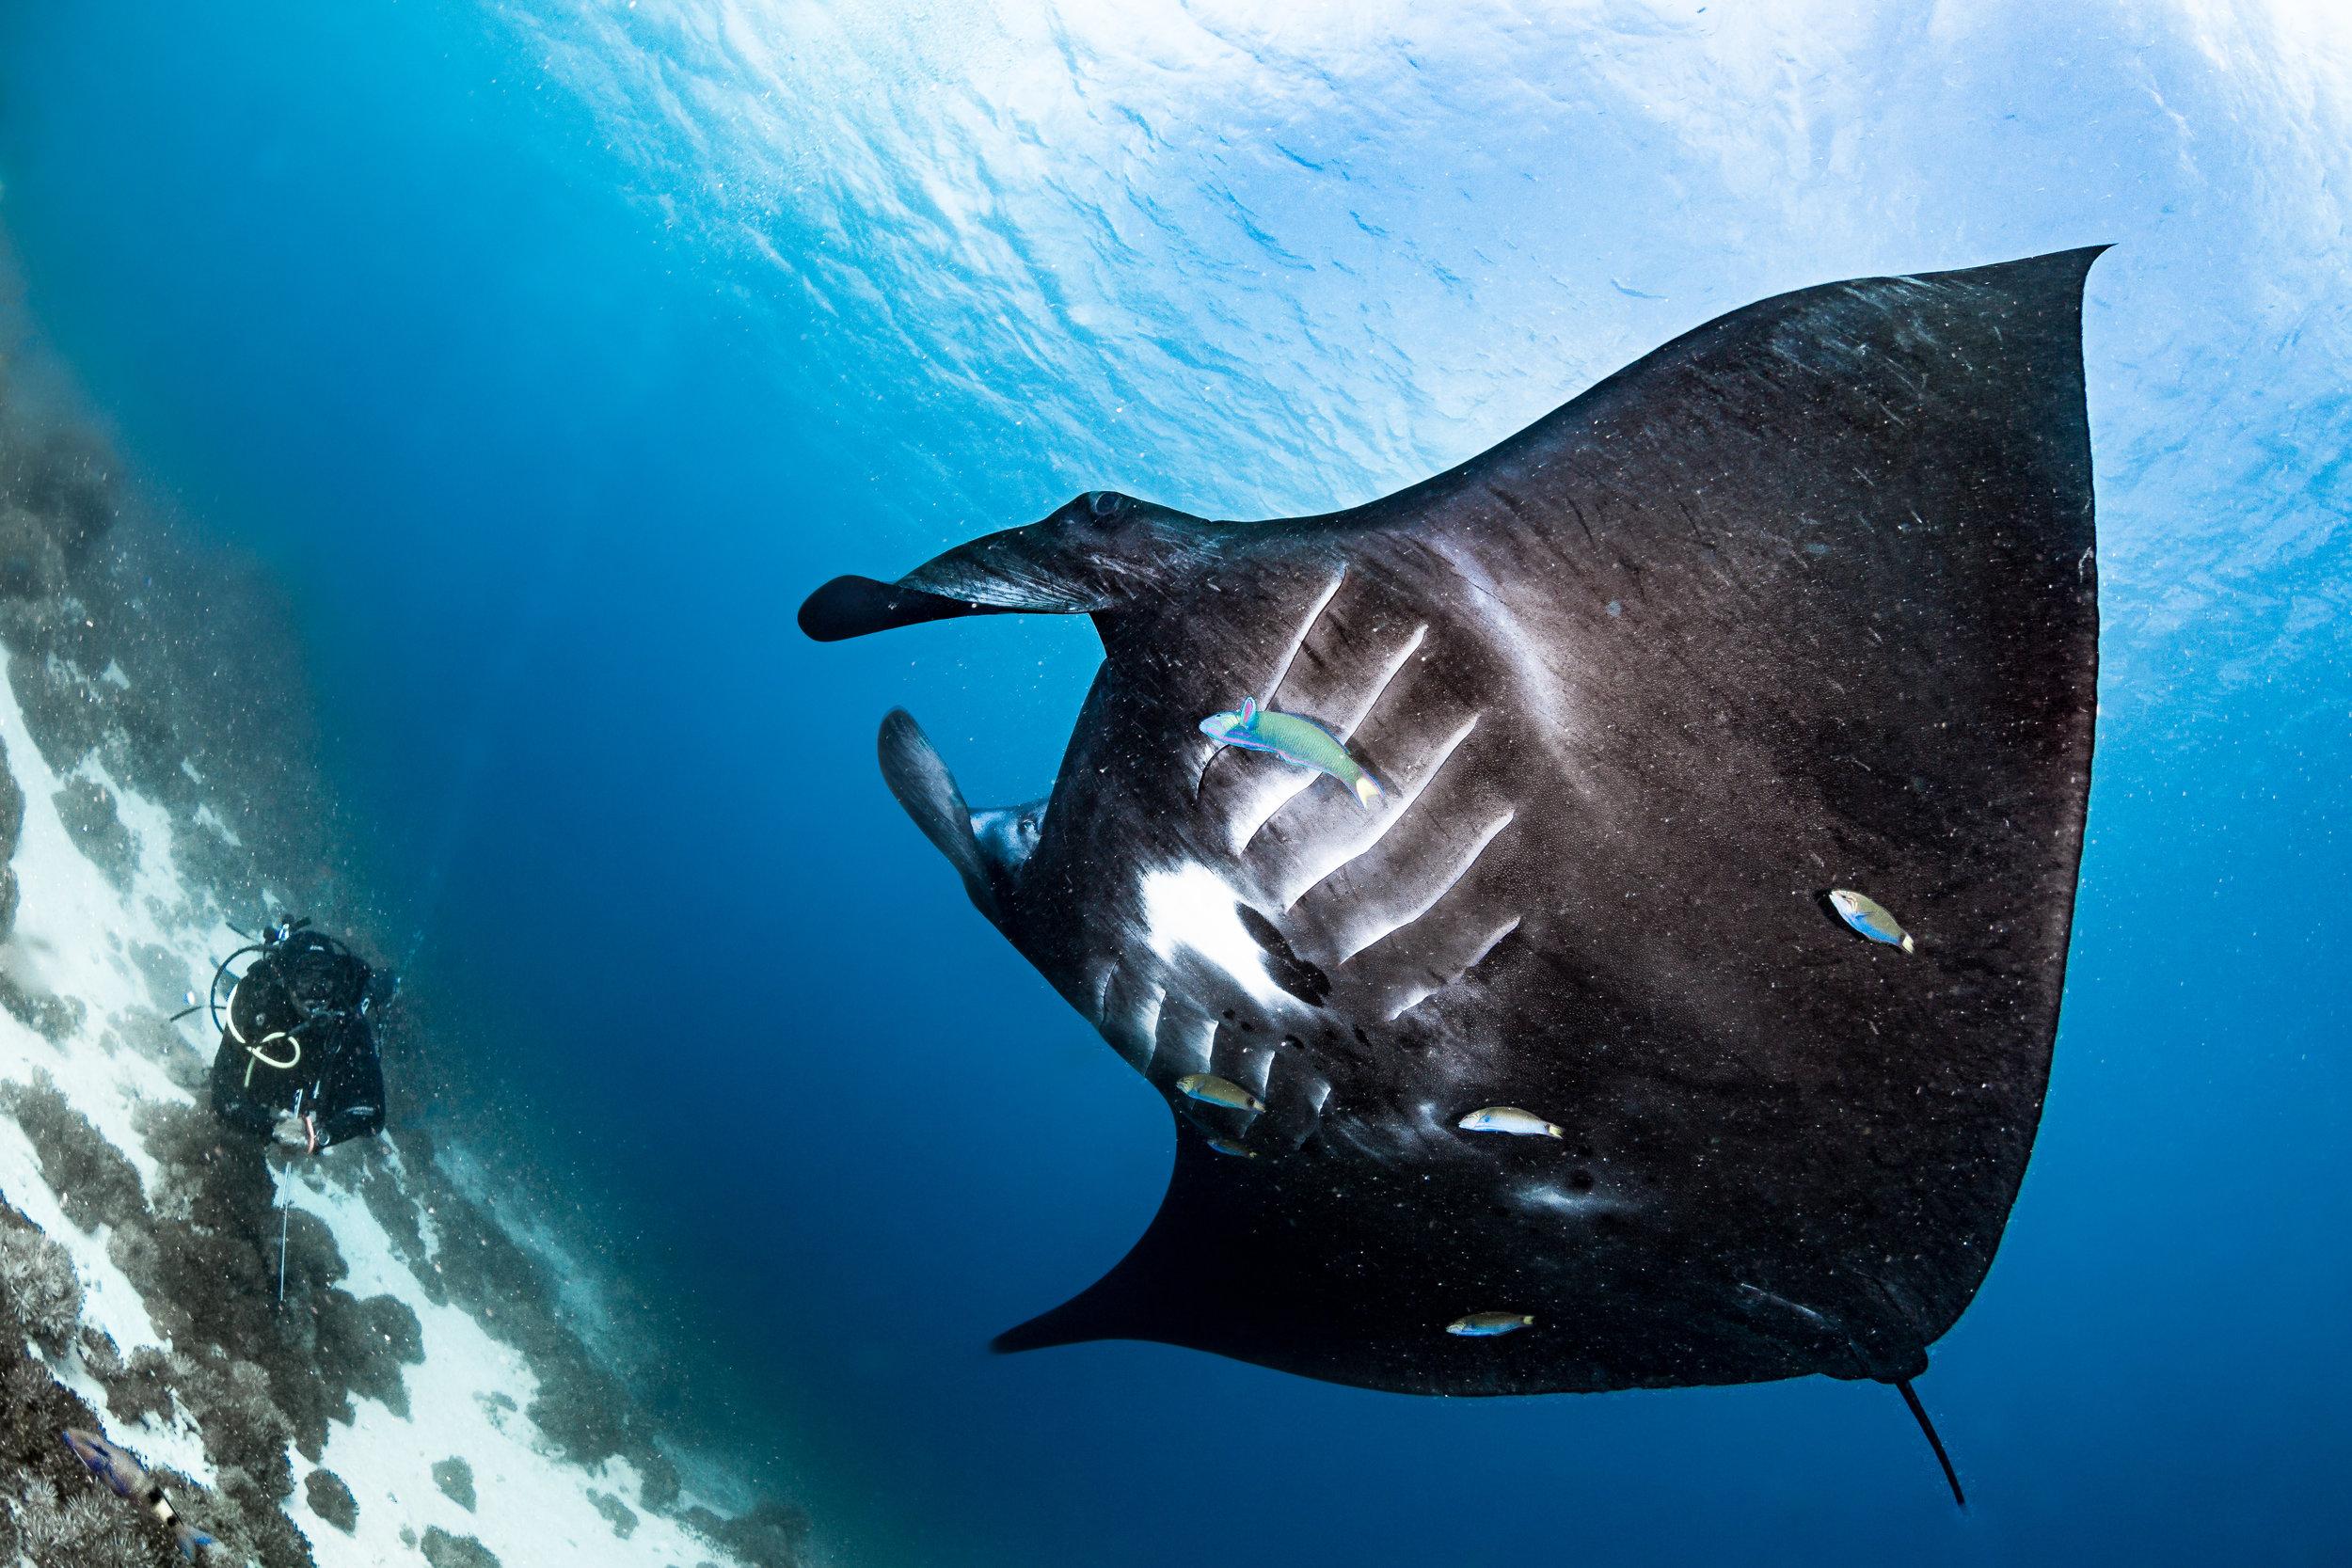 manta ray credit: grant thomas / coral reef image bank